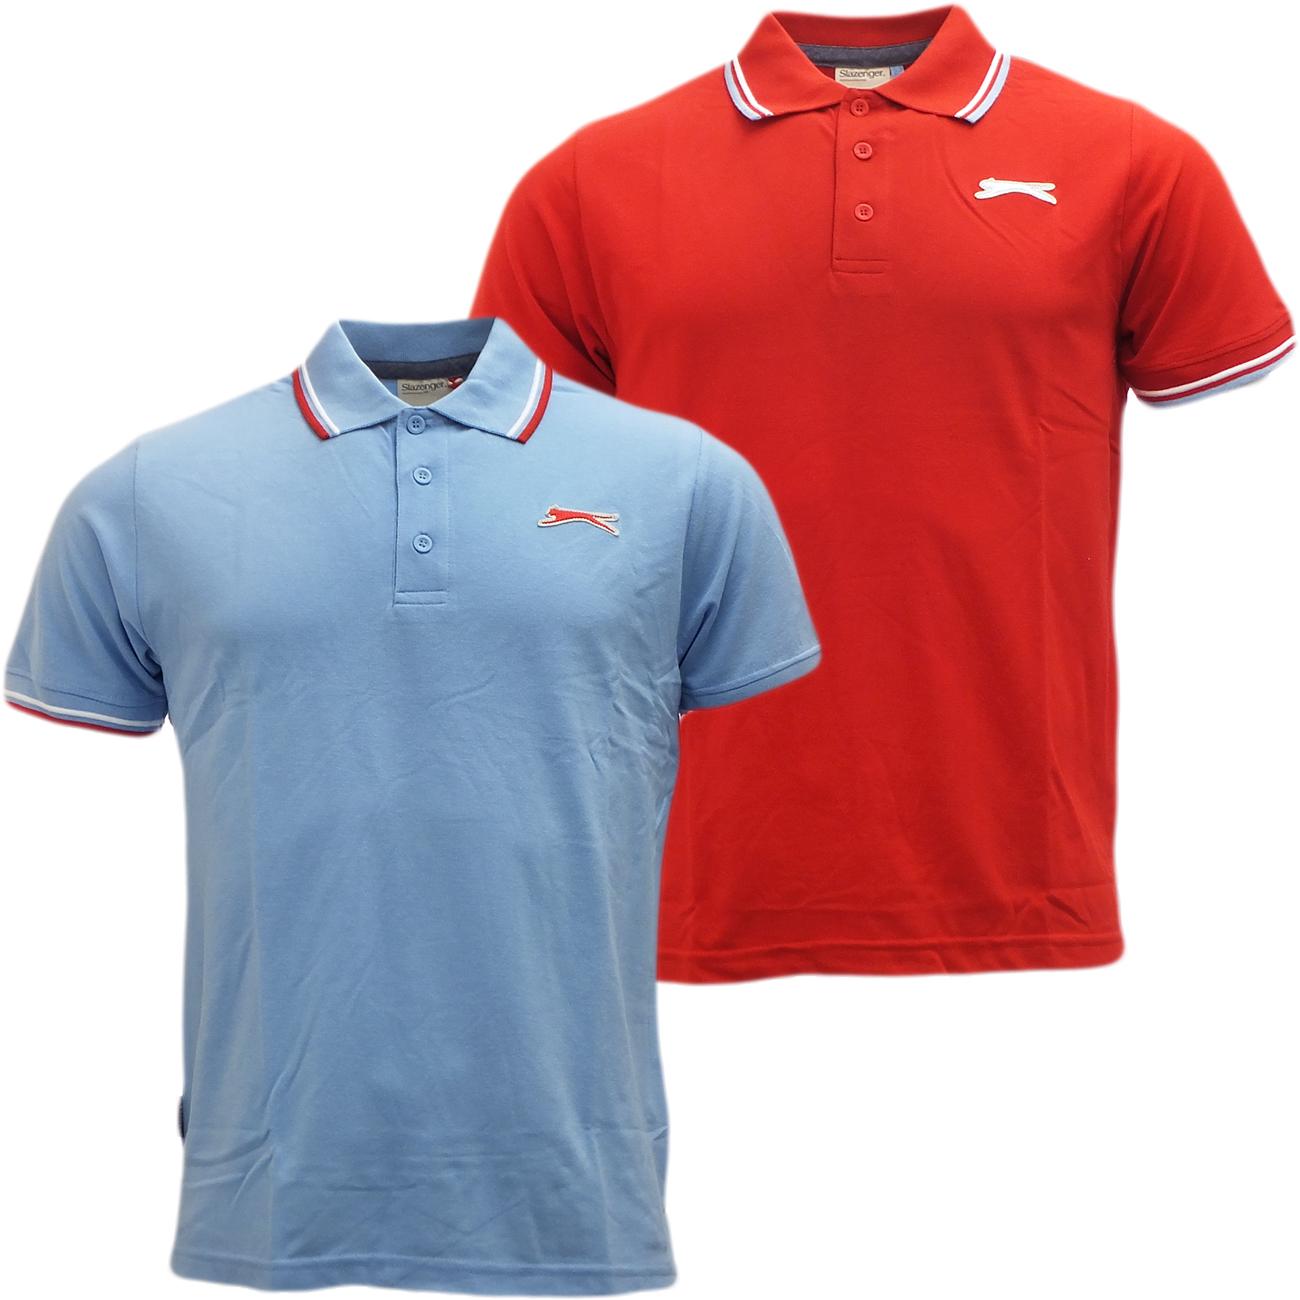 Slazenger plain polo shirt mens polos short sleeve for Best short sleeve shirts